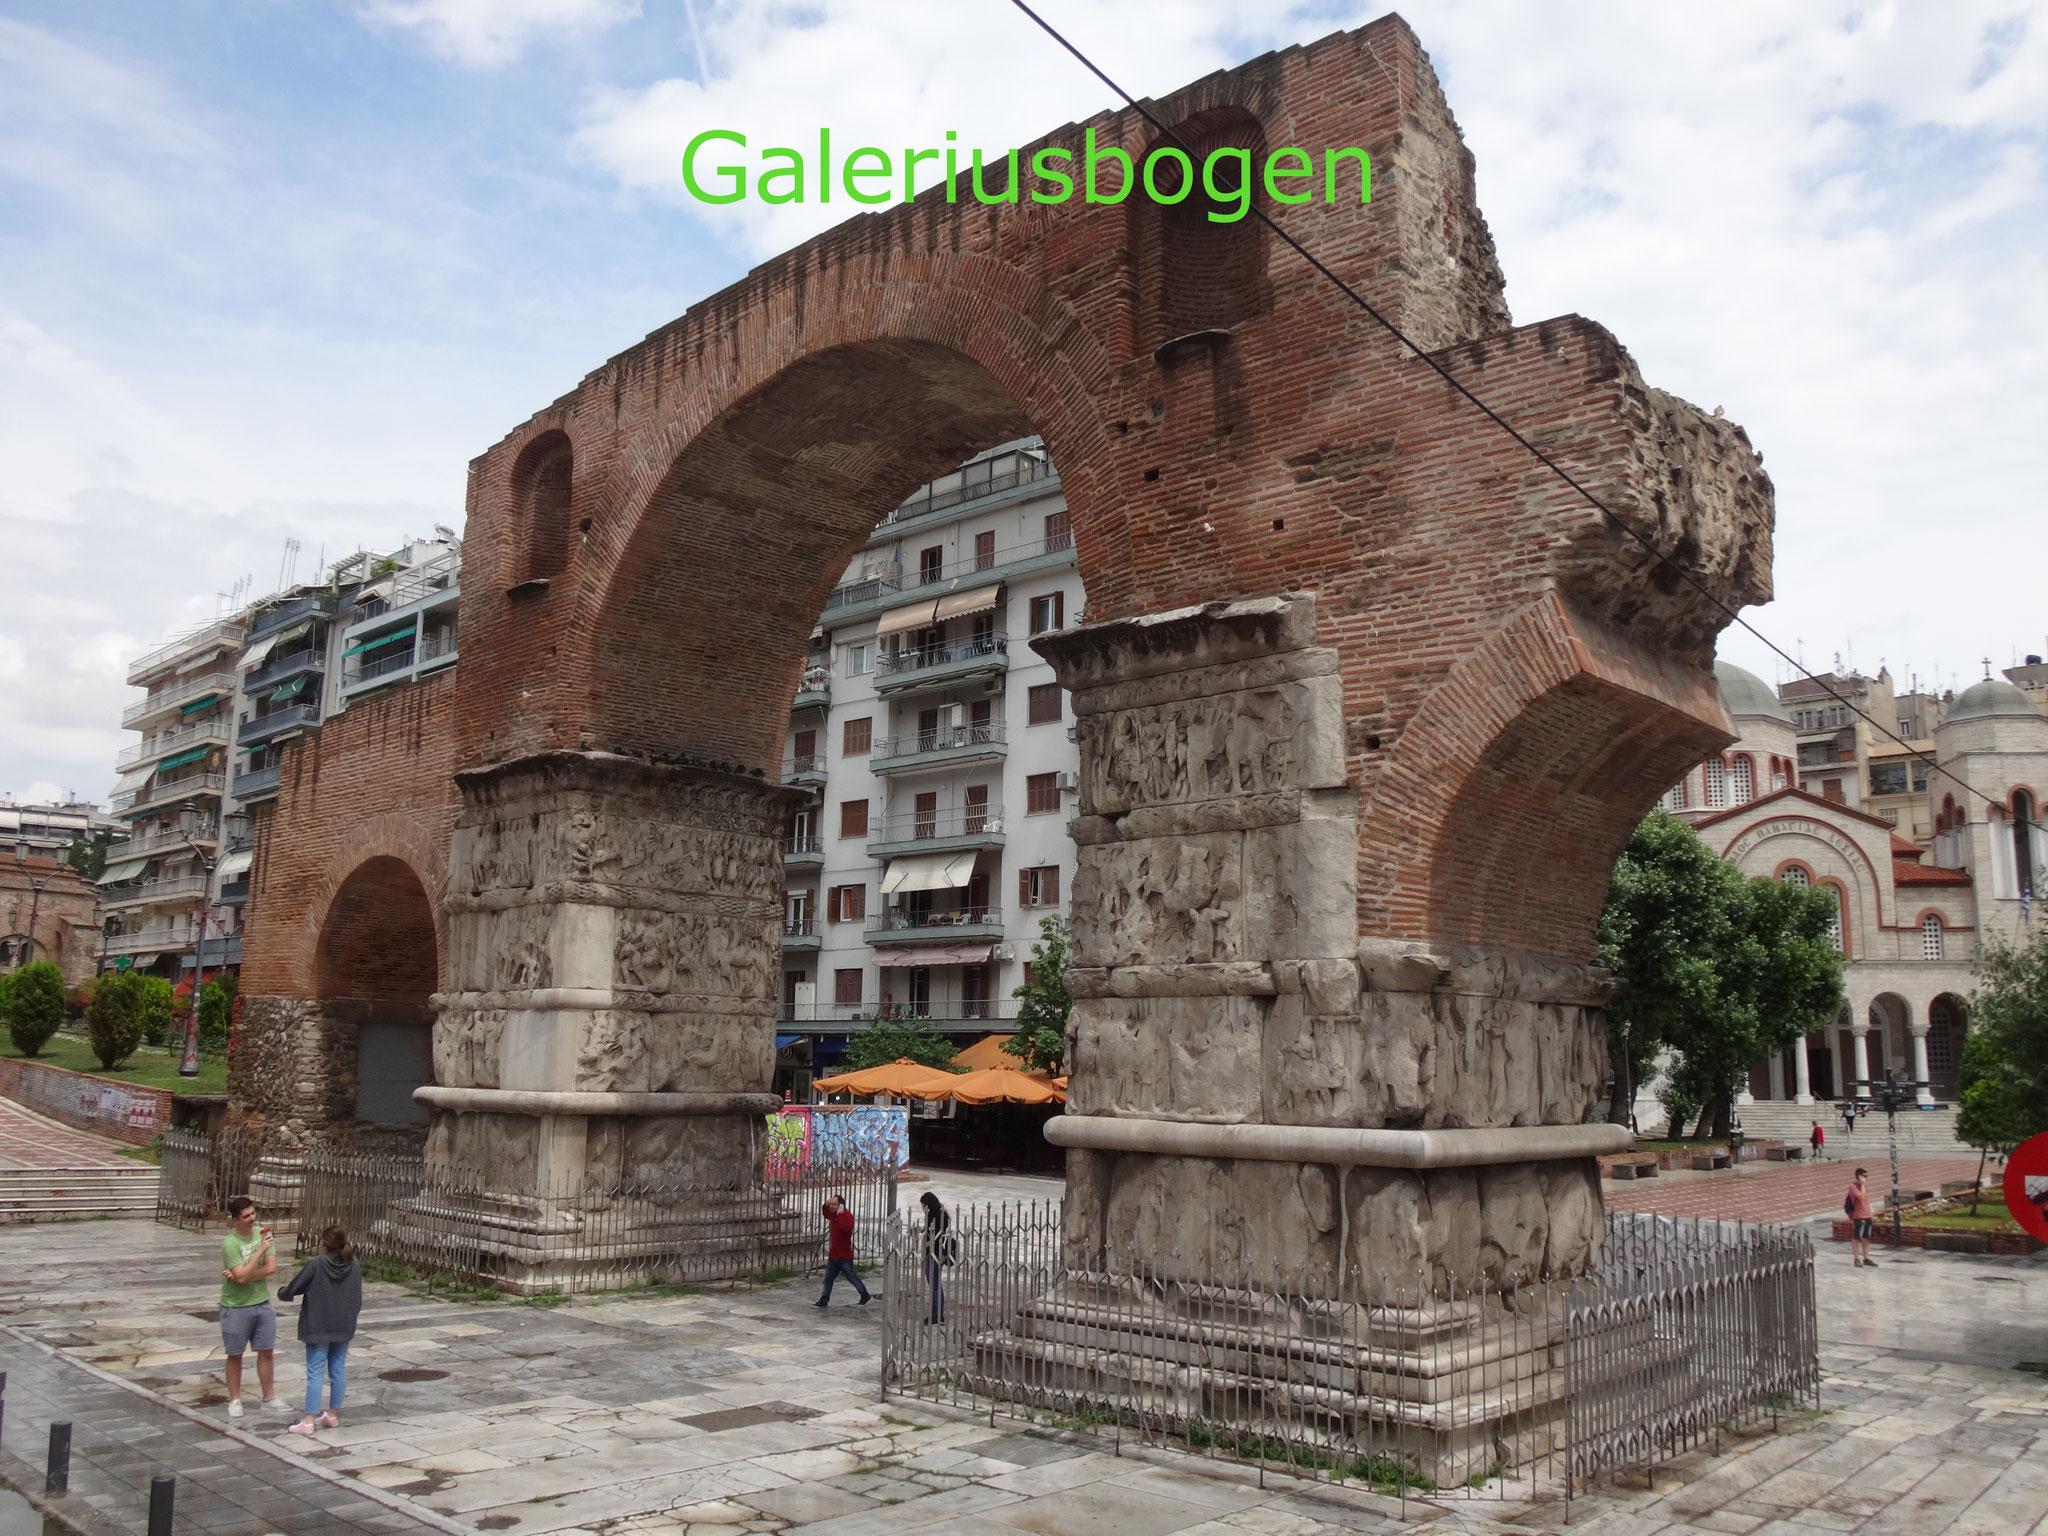 Galeriusbogen